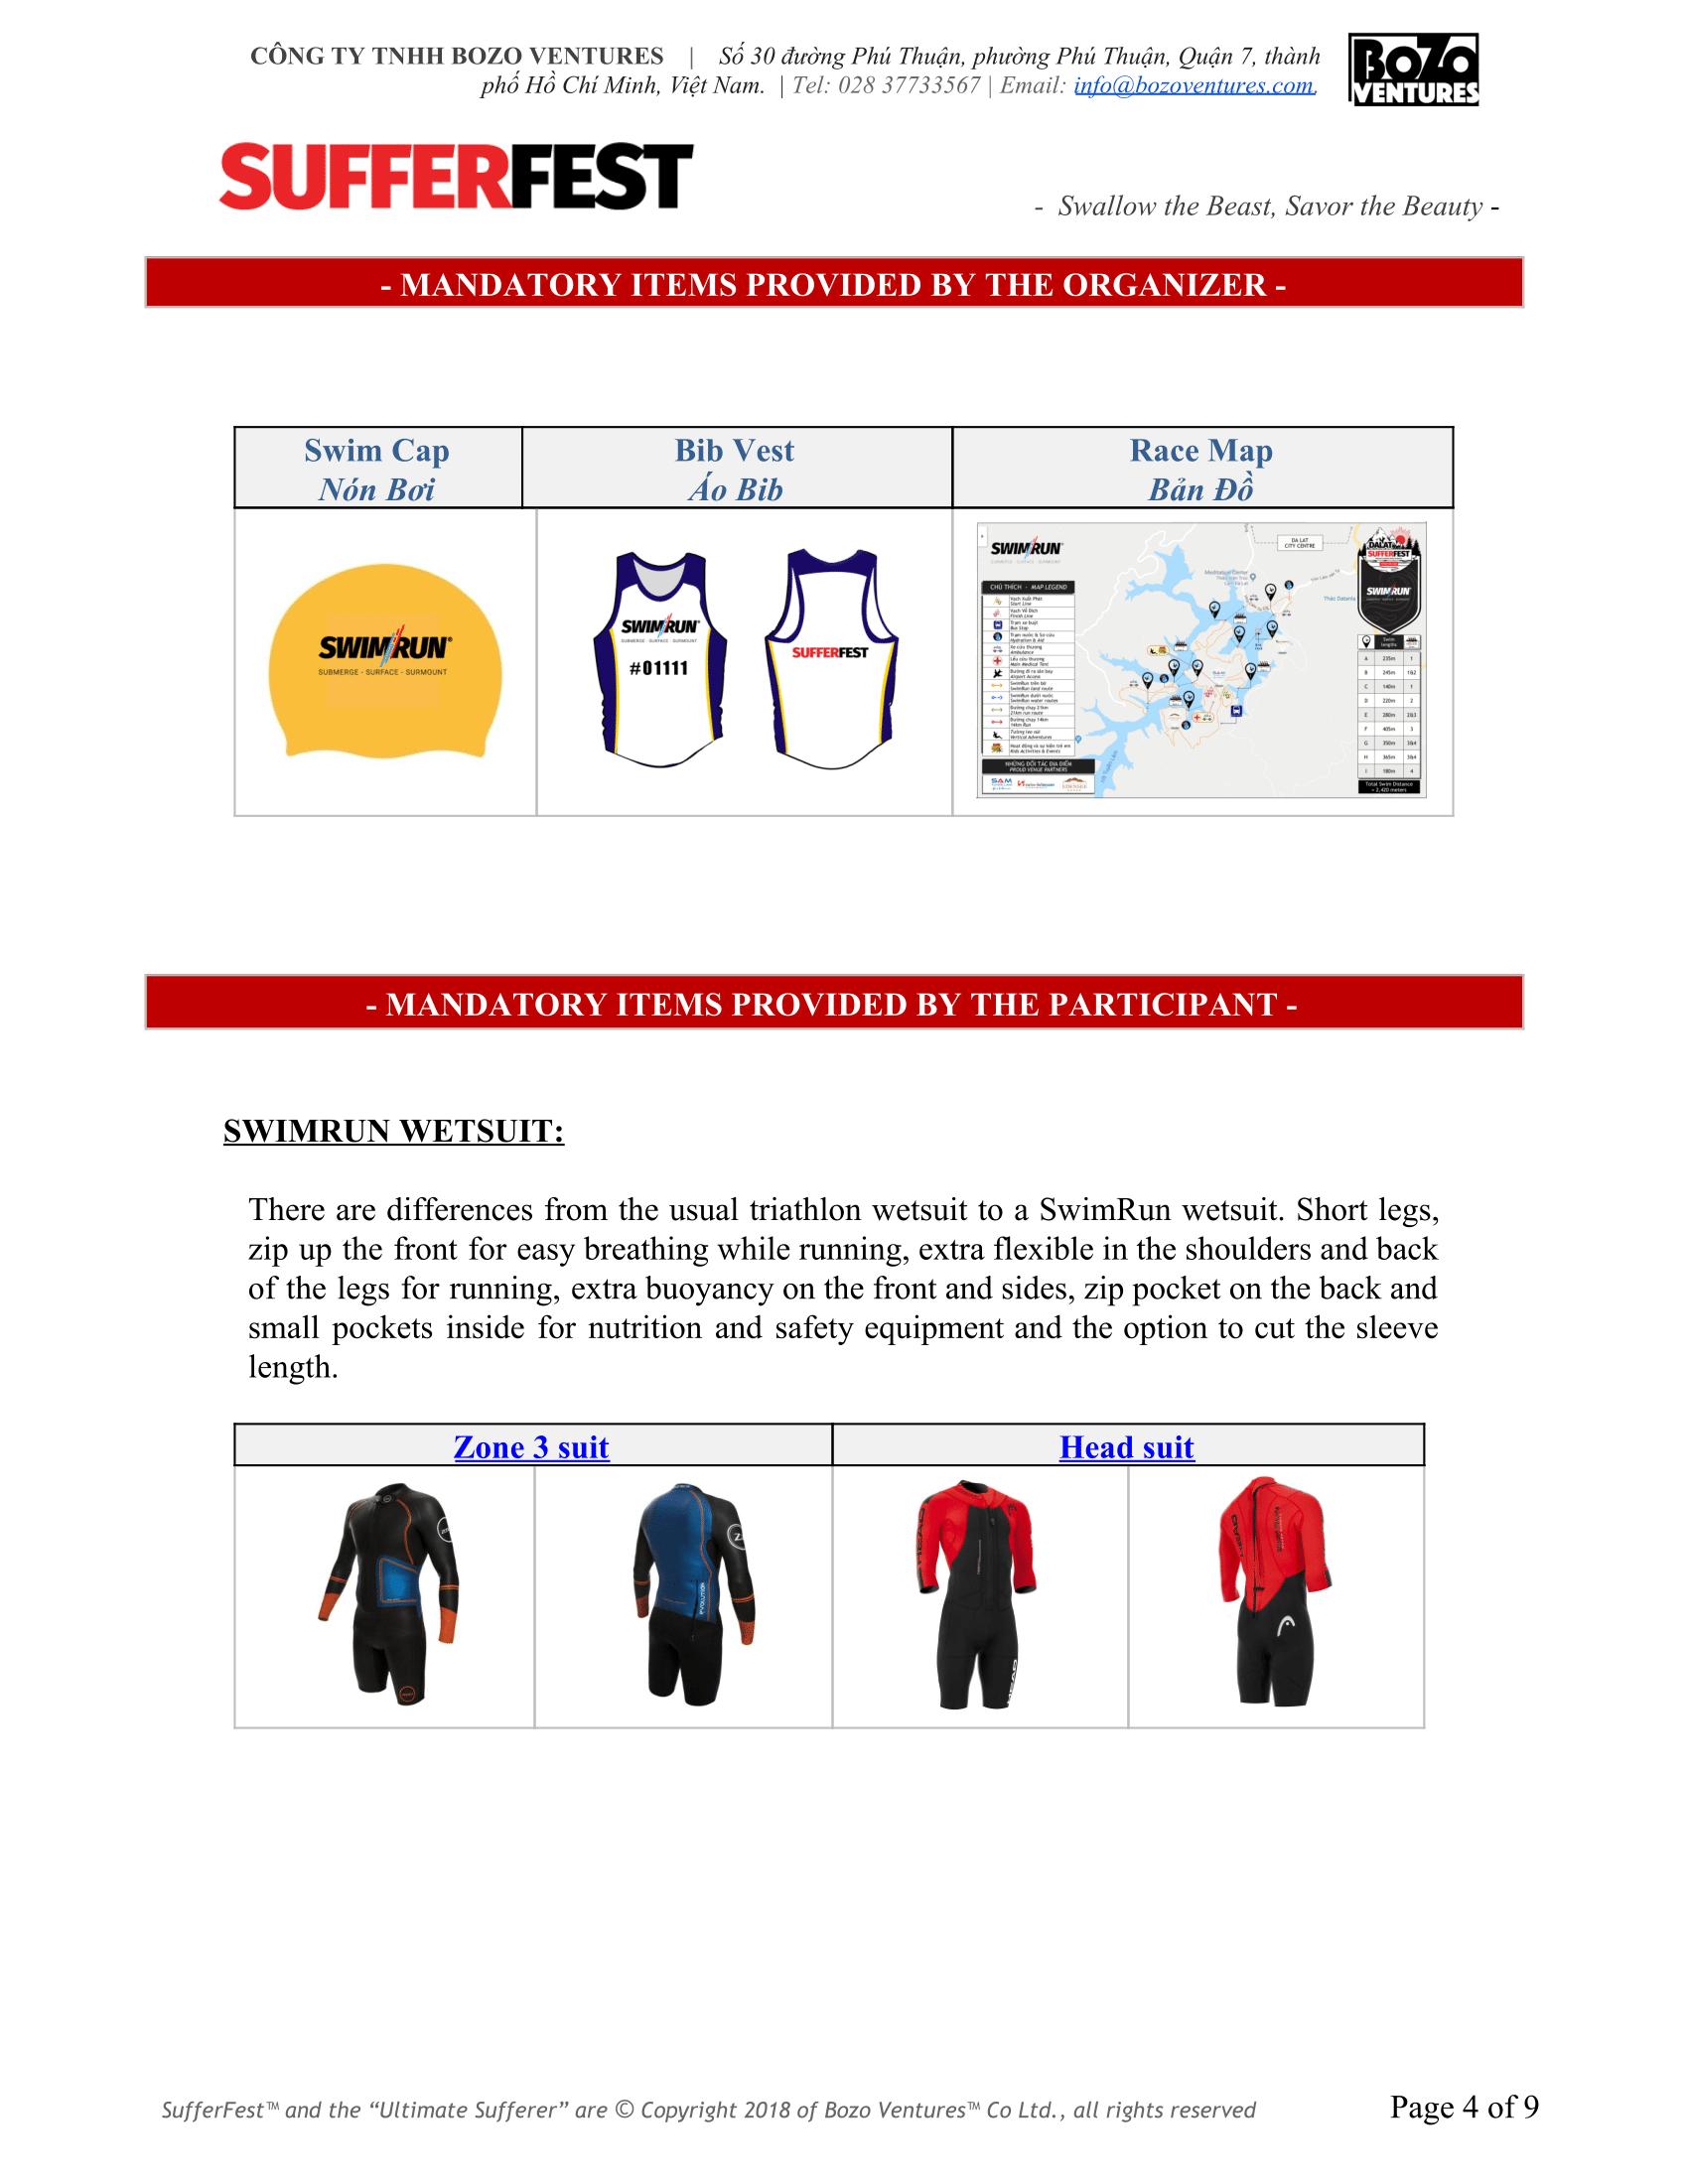 [ENG] SufferFest™ - SwimRun Gear Guide -4.png